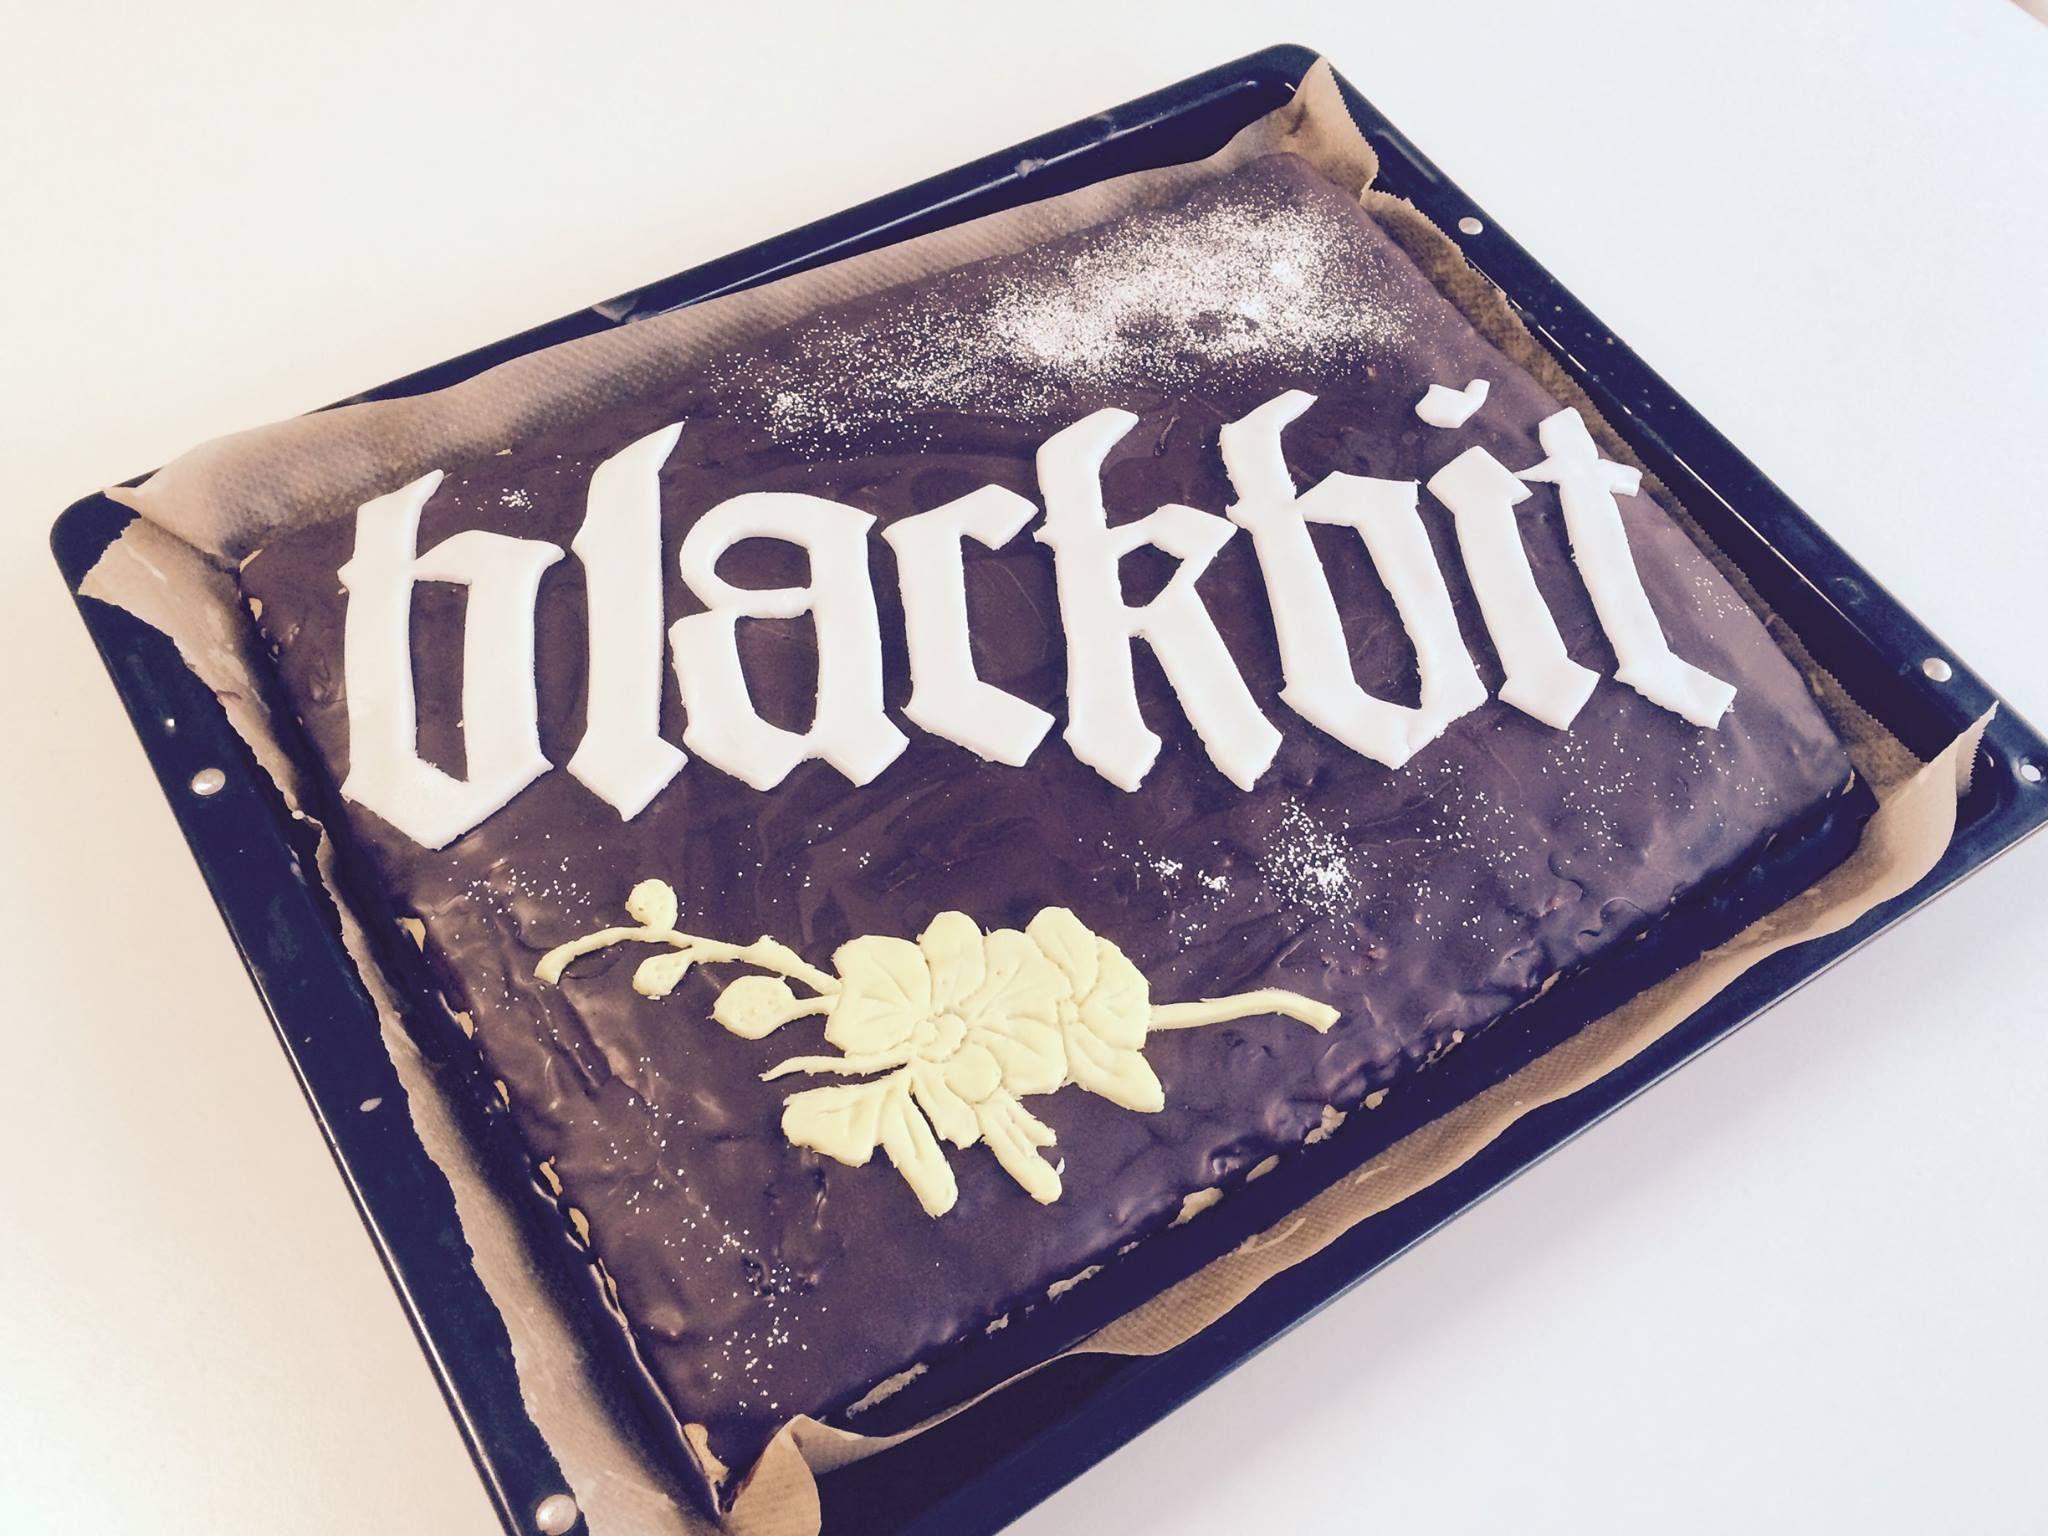 Unsere Praktikantin Pauline hat uns mit diesem Meisterwerk überrascht! :-O #Kuchen #Blackbit